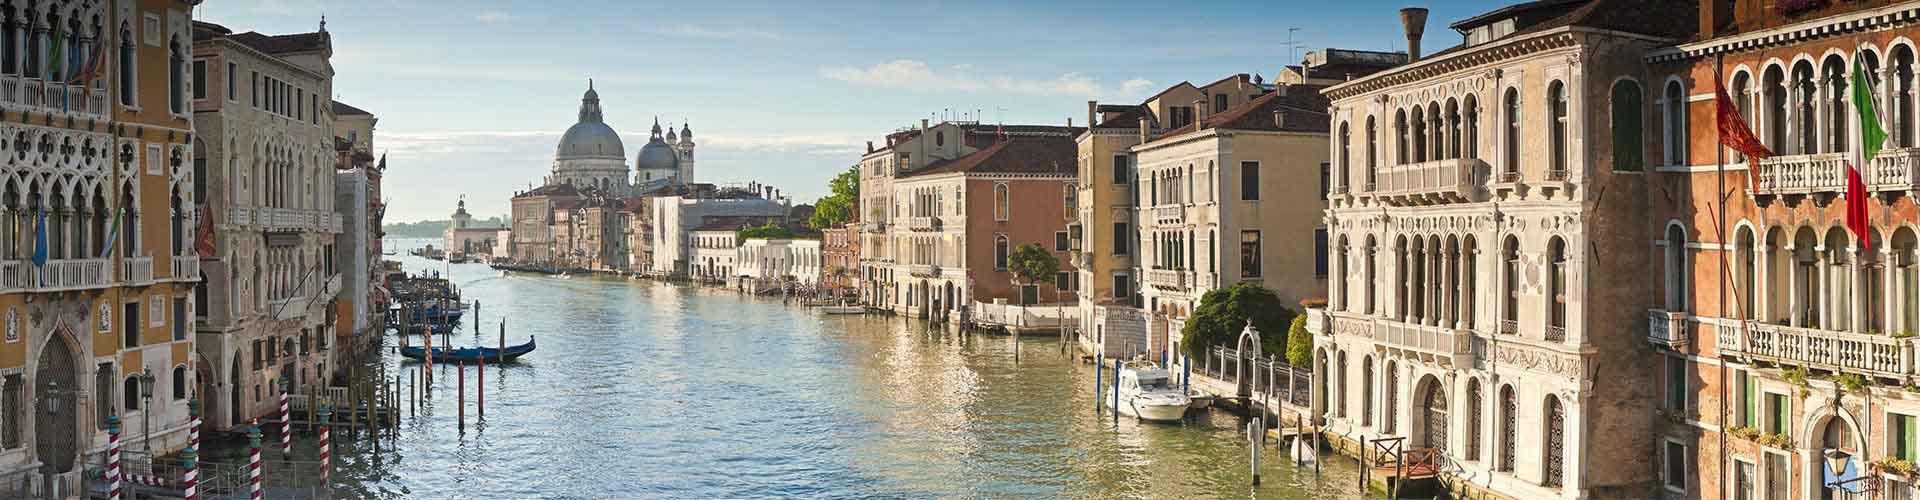 Venecia - Apartamentos en el distrito Dorsoduro, S. Polo, S. Cruz, de la Giudecca, Sack Fisola. Mapas de Venecia, Fotos y comentarios de cada Apartamento en Venecia.